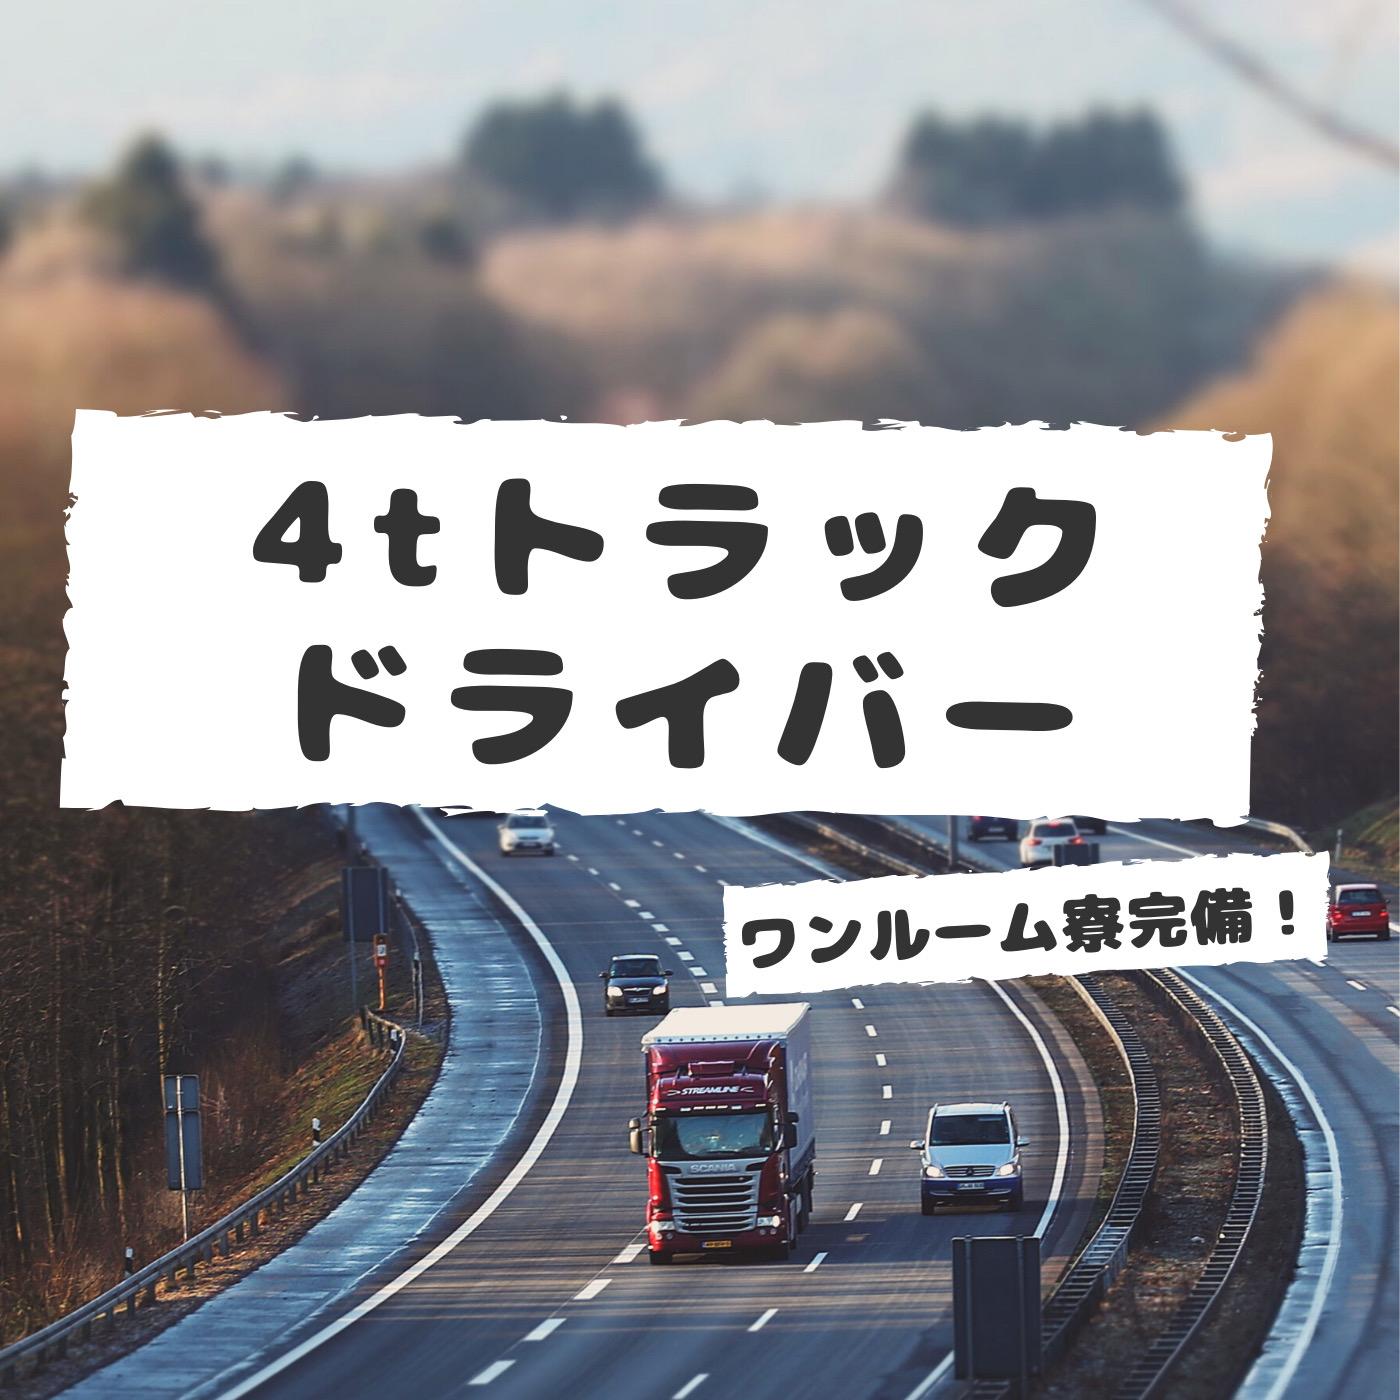 「未経験OKの4tトラックドライバー」普通免許のみでもやる気があれば採用いたします!! イメージ